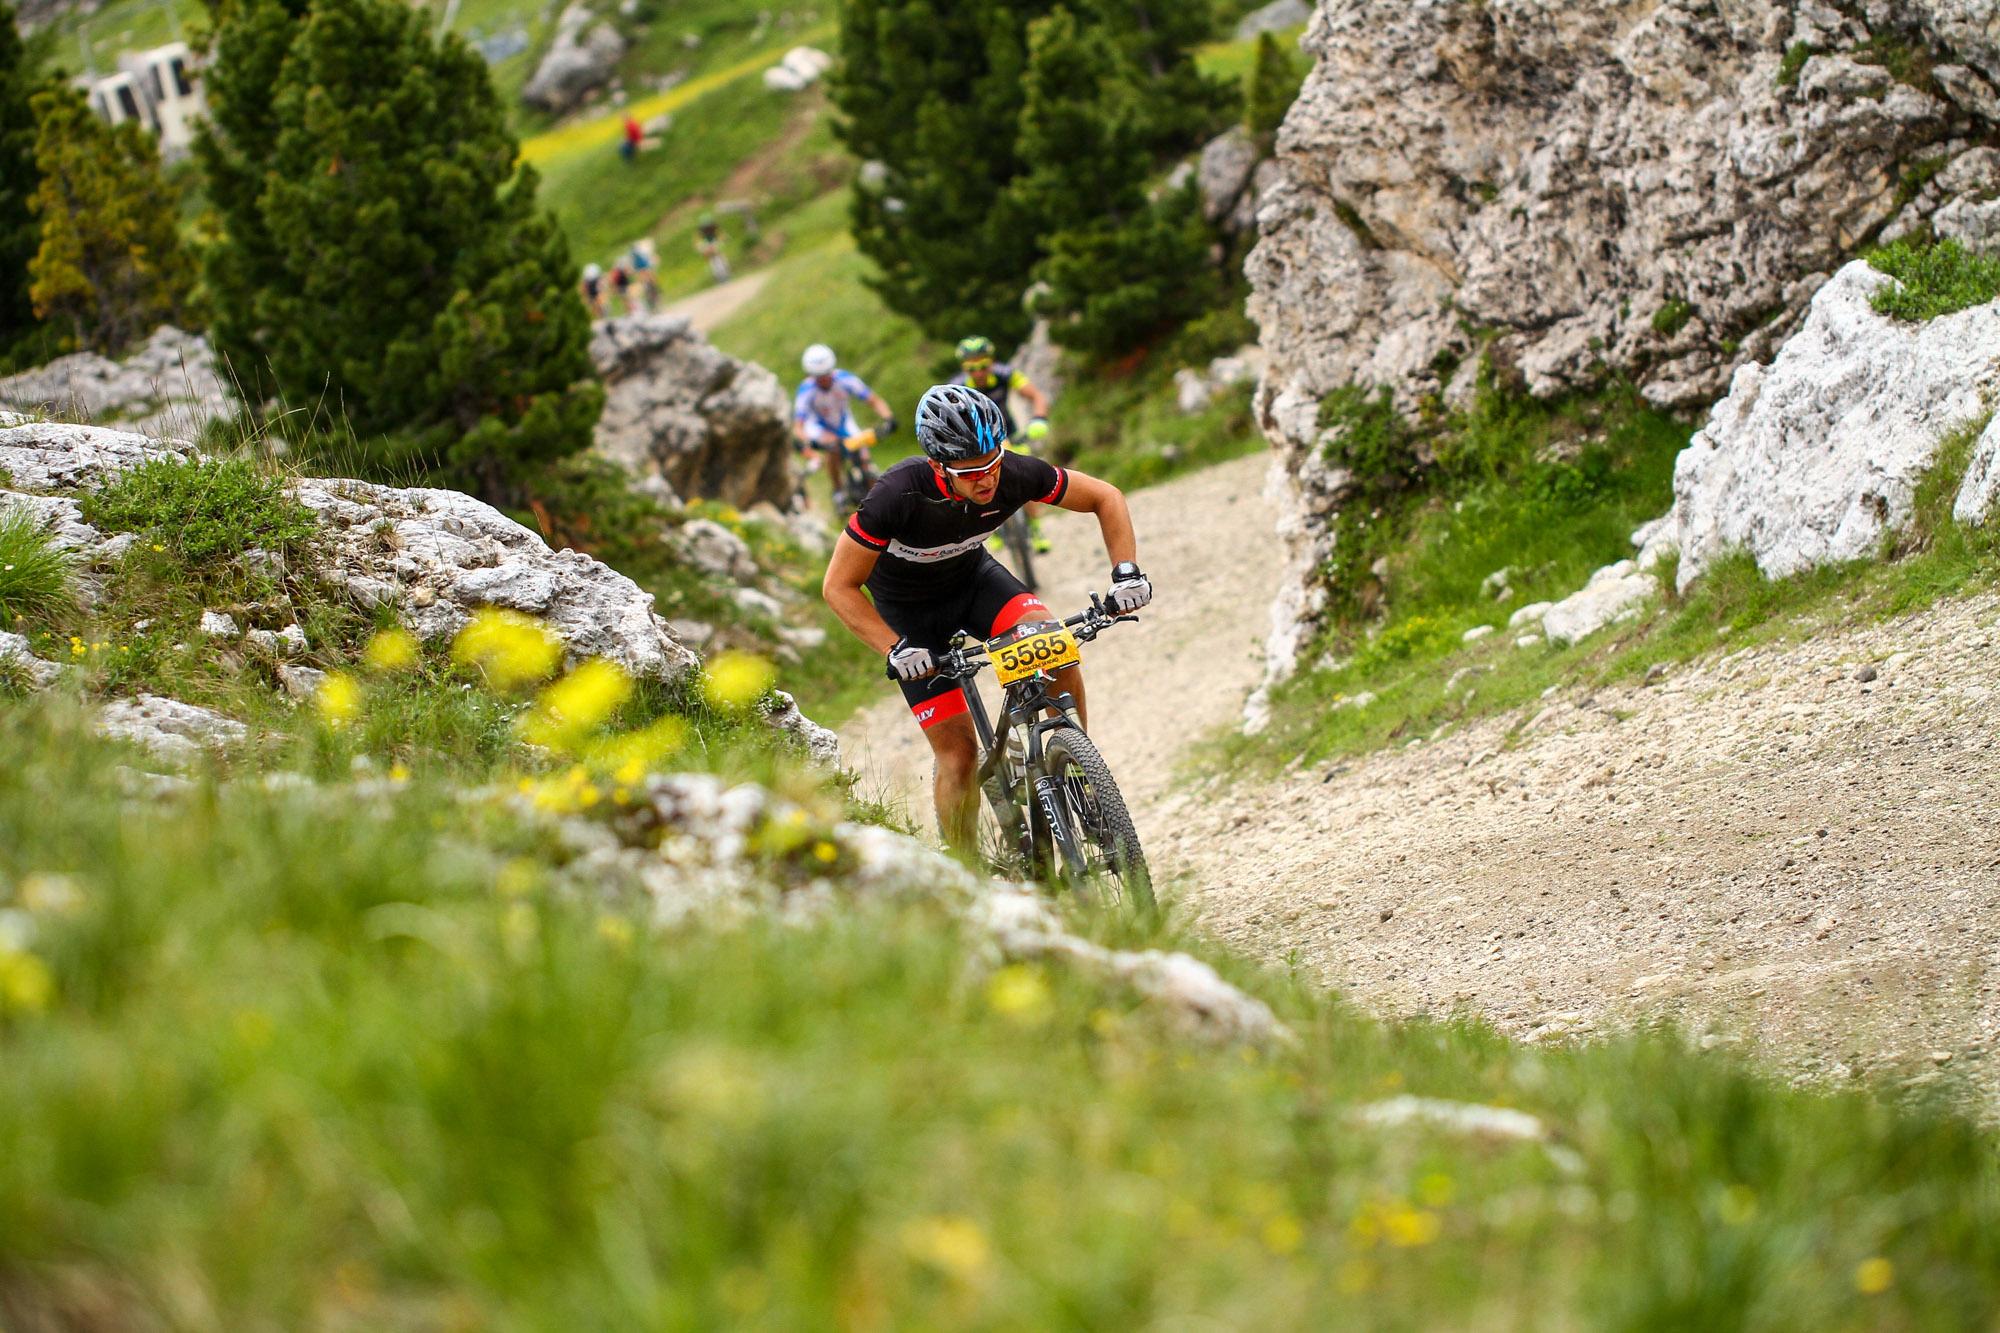 Eine Gruppe von Mountainbikern fährt steil den Berg hoch.